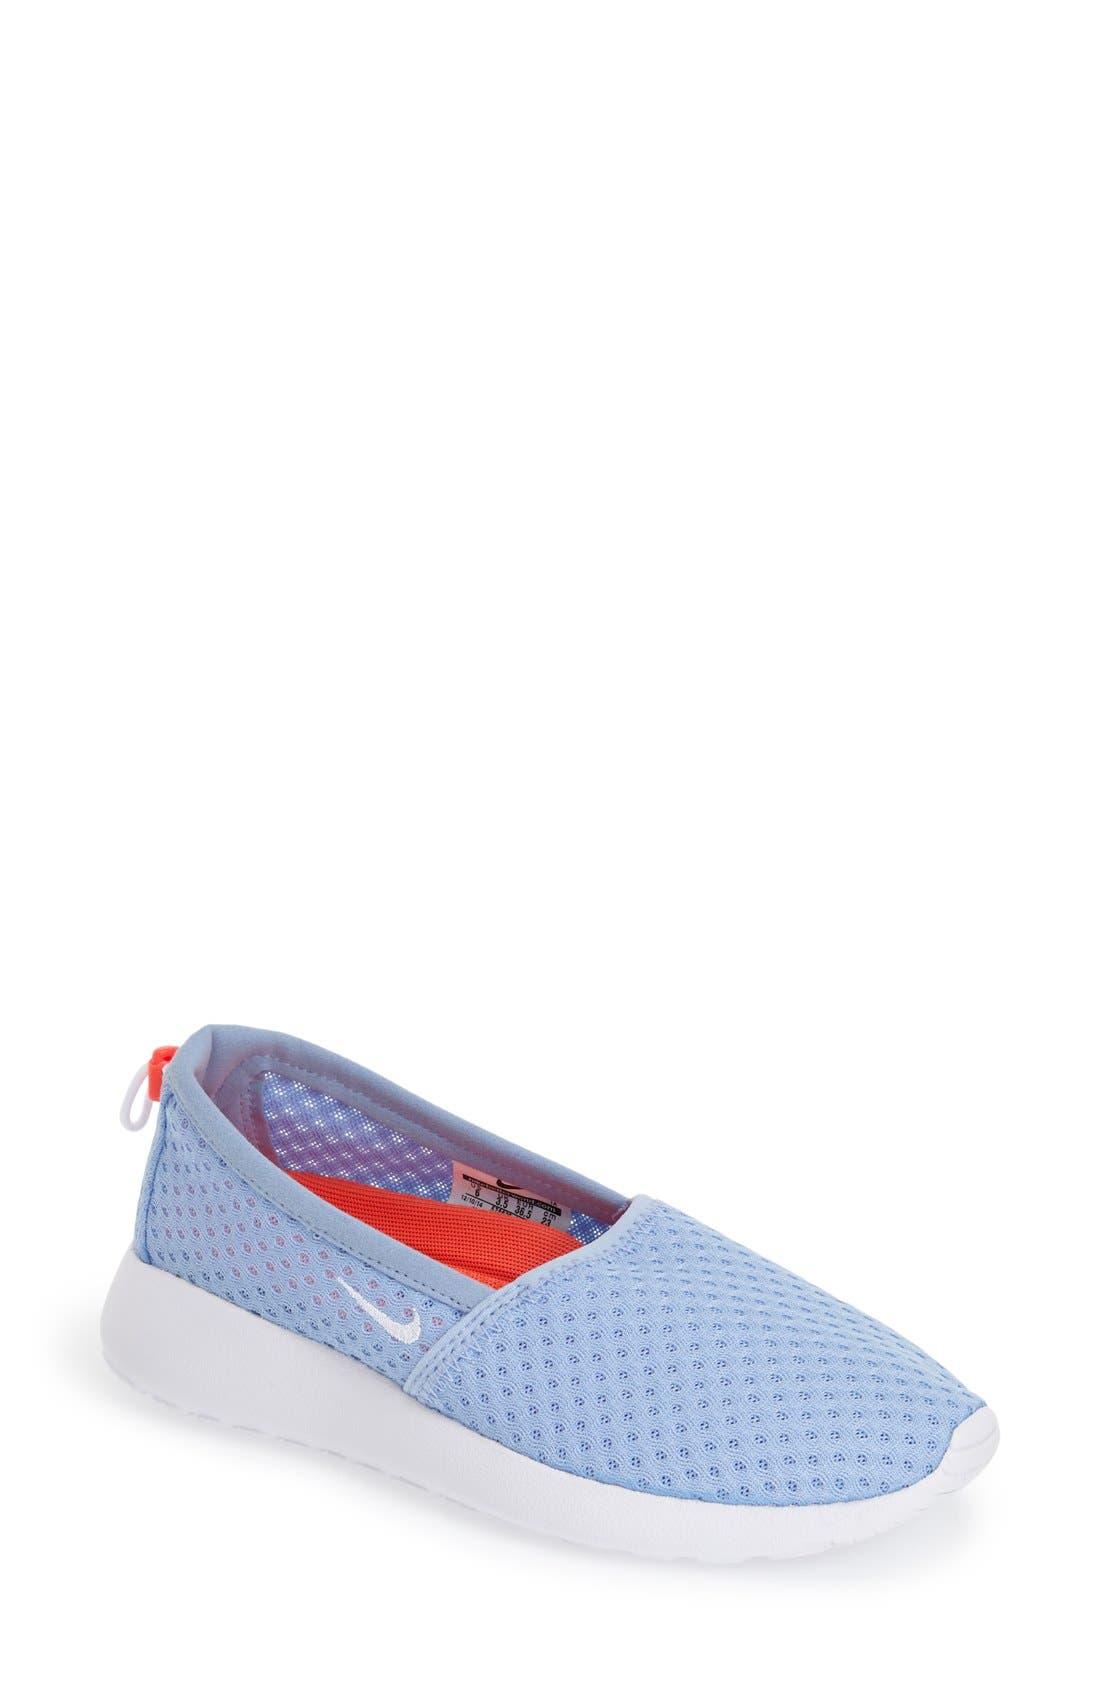 Main Image - Nike 'Roshe Run' Slip-On Sneaker (Women)